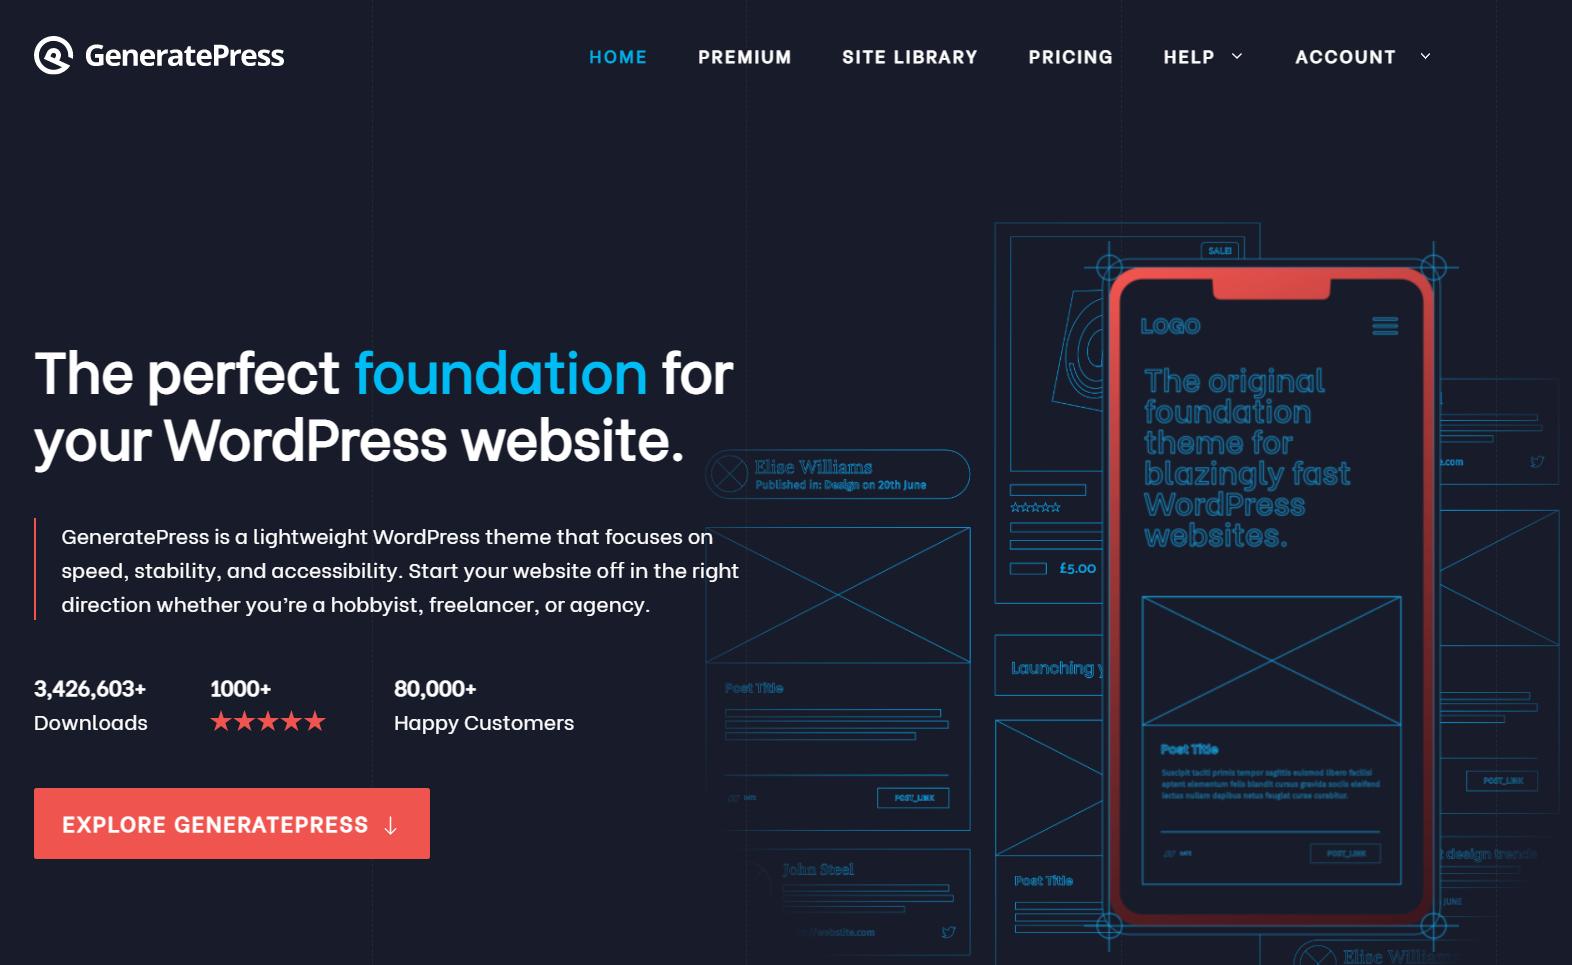 قالب GeneratePress .. مقارنة بين النسخة المجانية ونسخة generate press pro